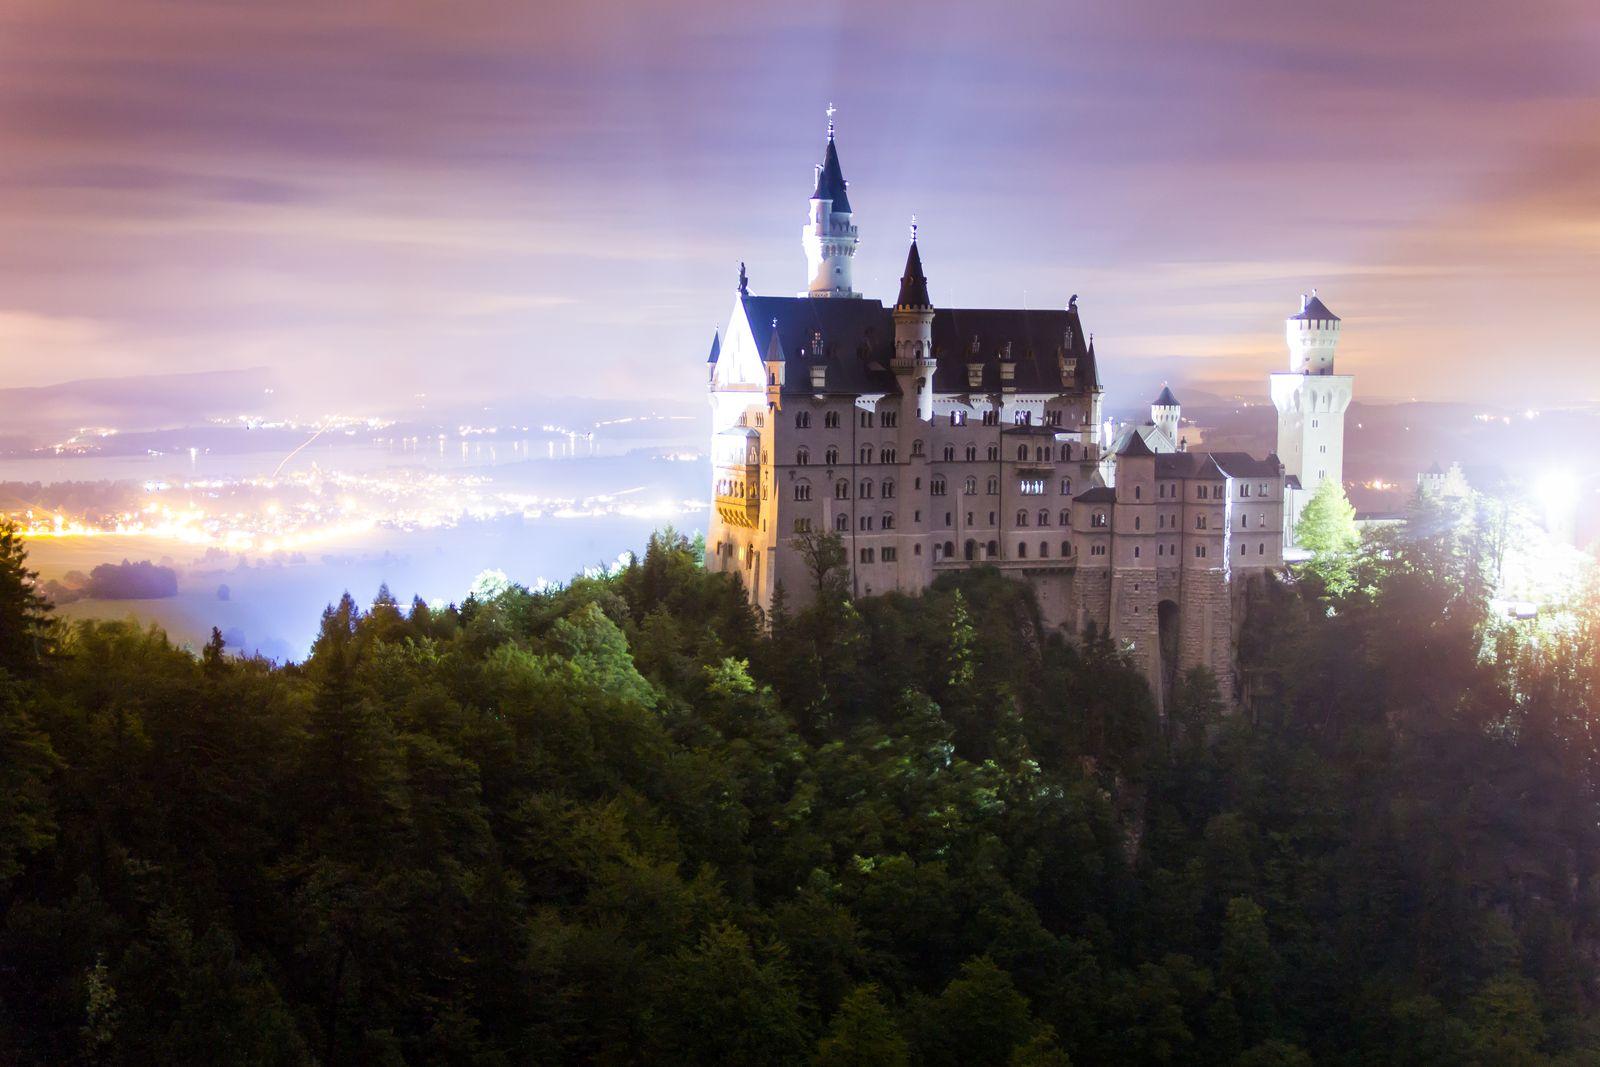 Conheça o mundo com a Turismo Week!